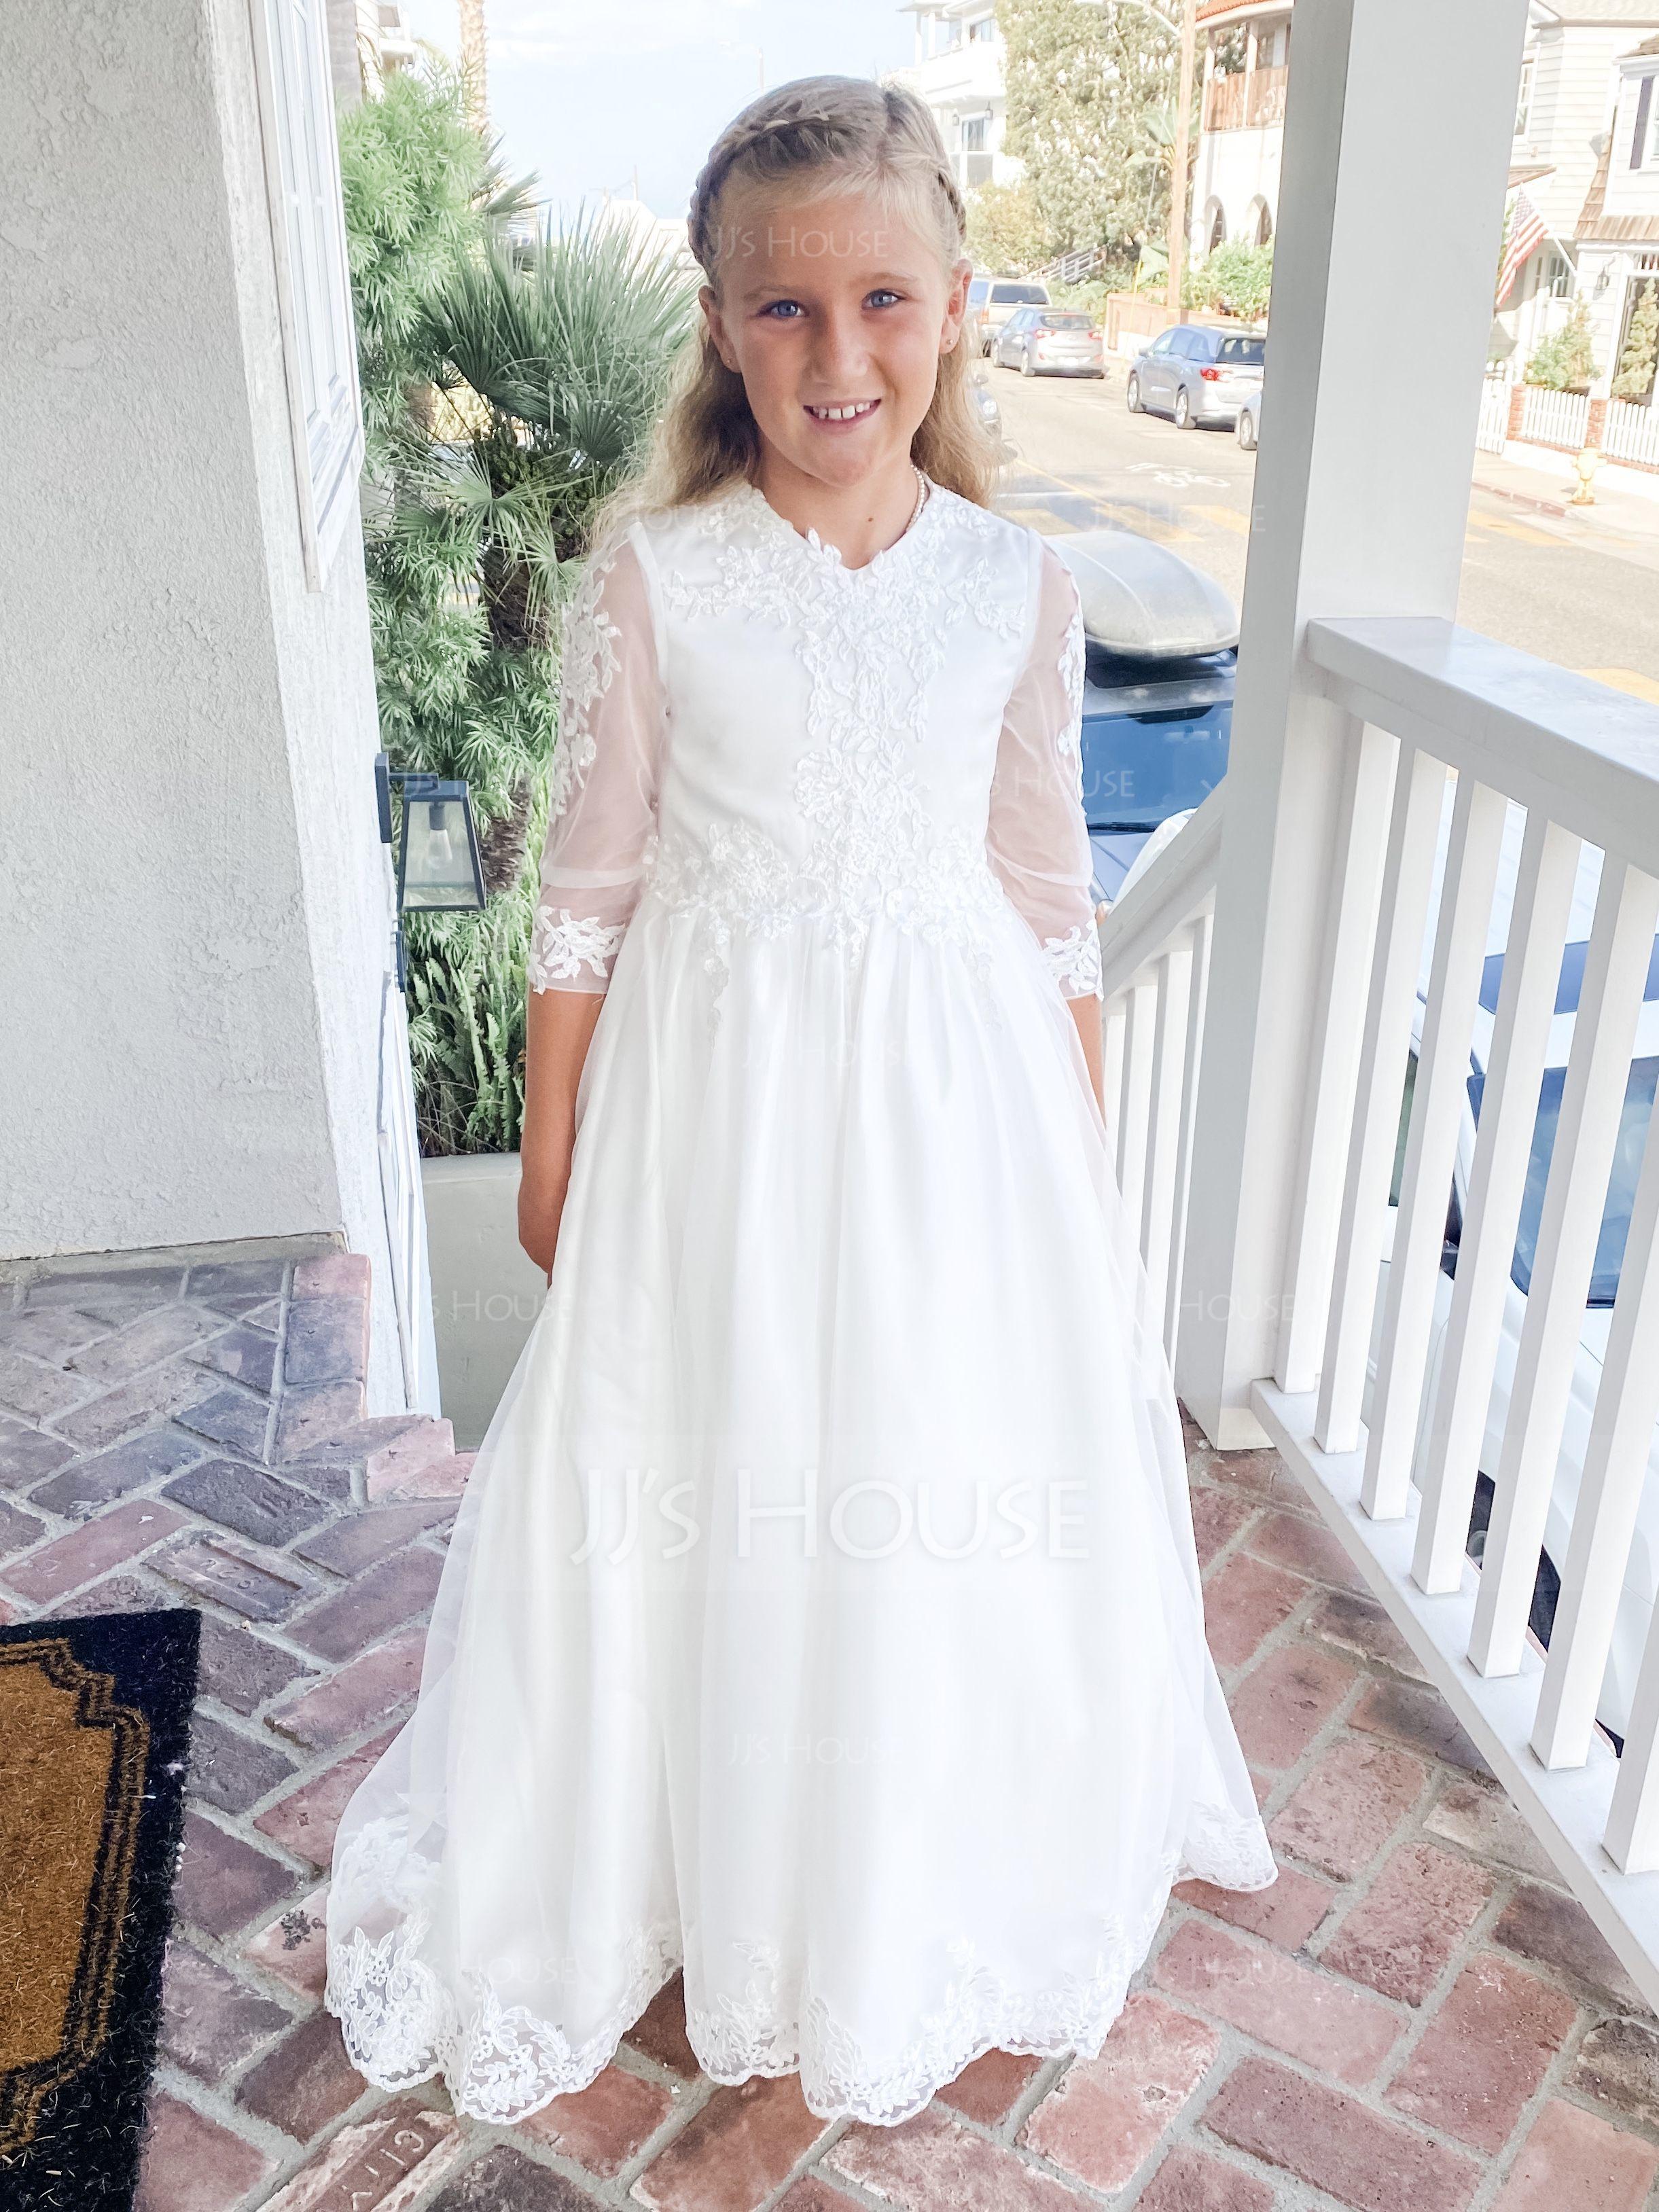 Áčkové Šaty Dlouhá vlečka Flower Girl Dress - Tyl/Krajka Dlouhé rukávy Výstřih (010183550)